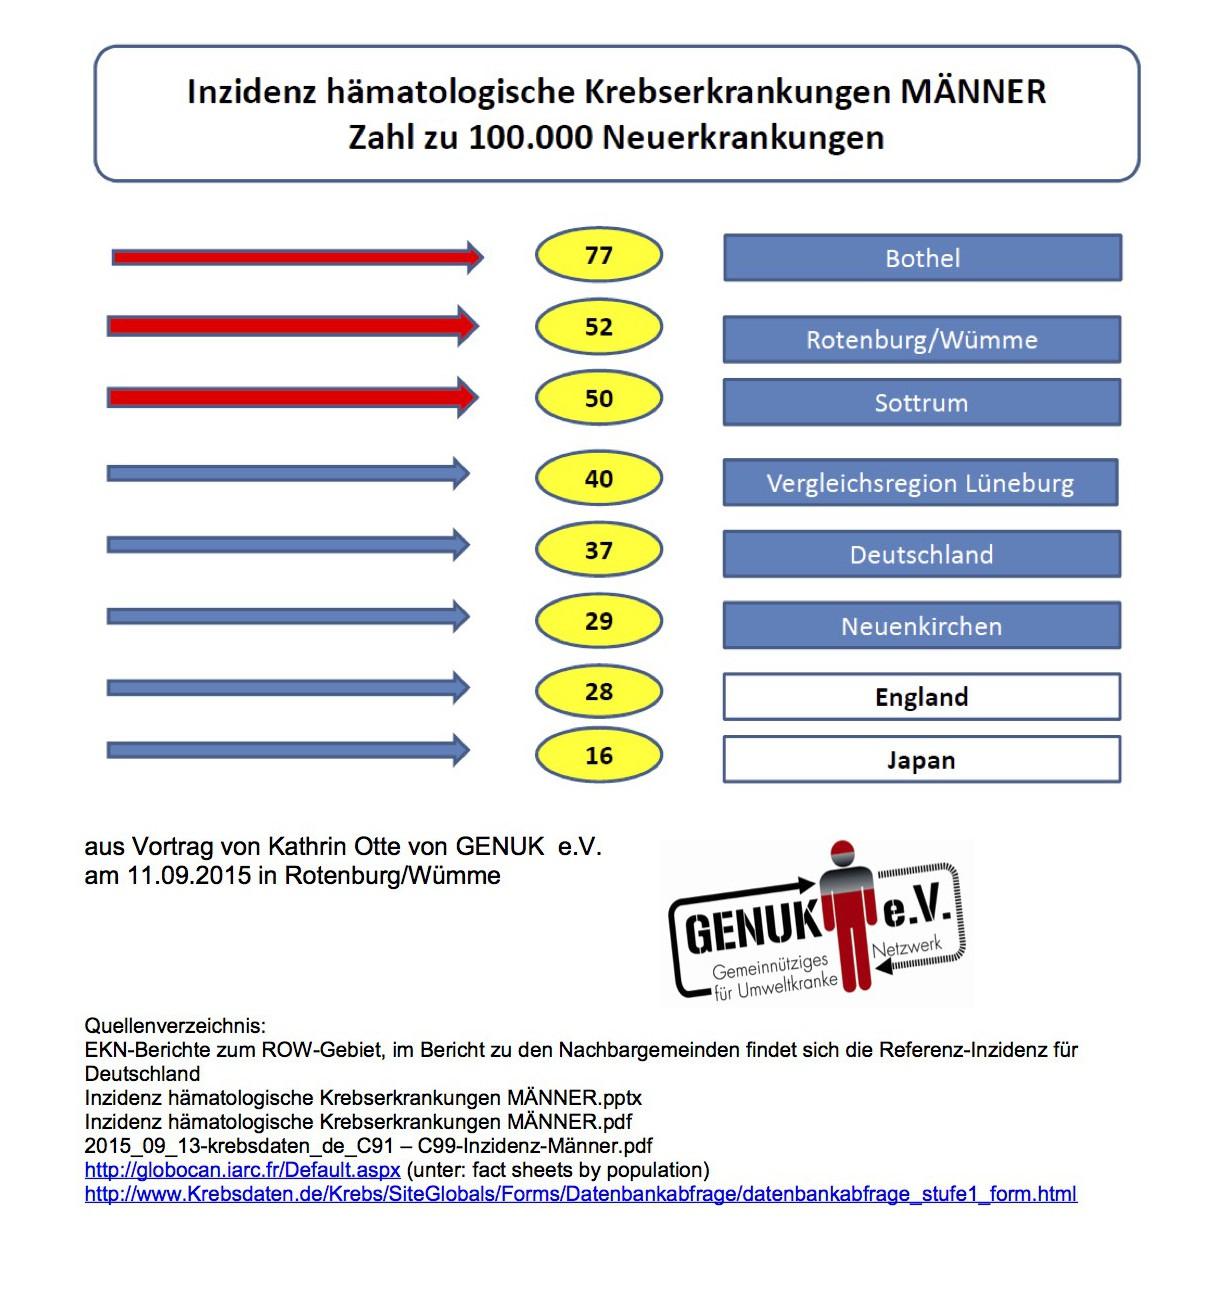 K.Otte_14.09.15_Inzidenz hämatologische Erkrankungen Männer aus Vortrag Rotenburg-1_11.09.15